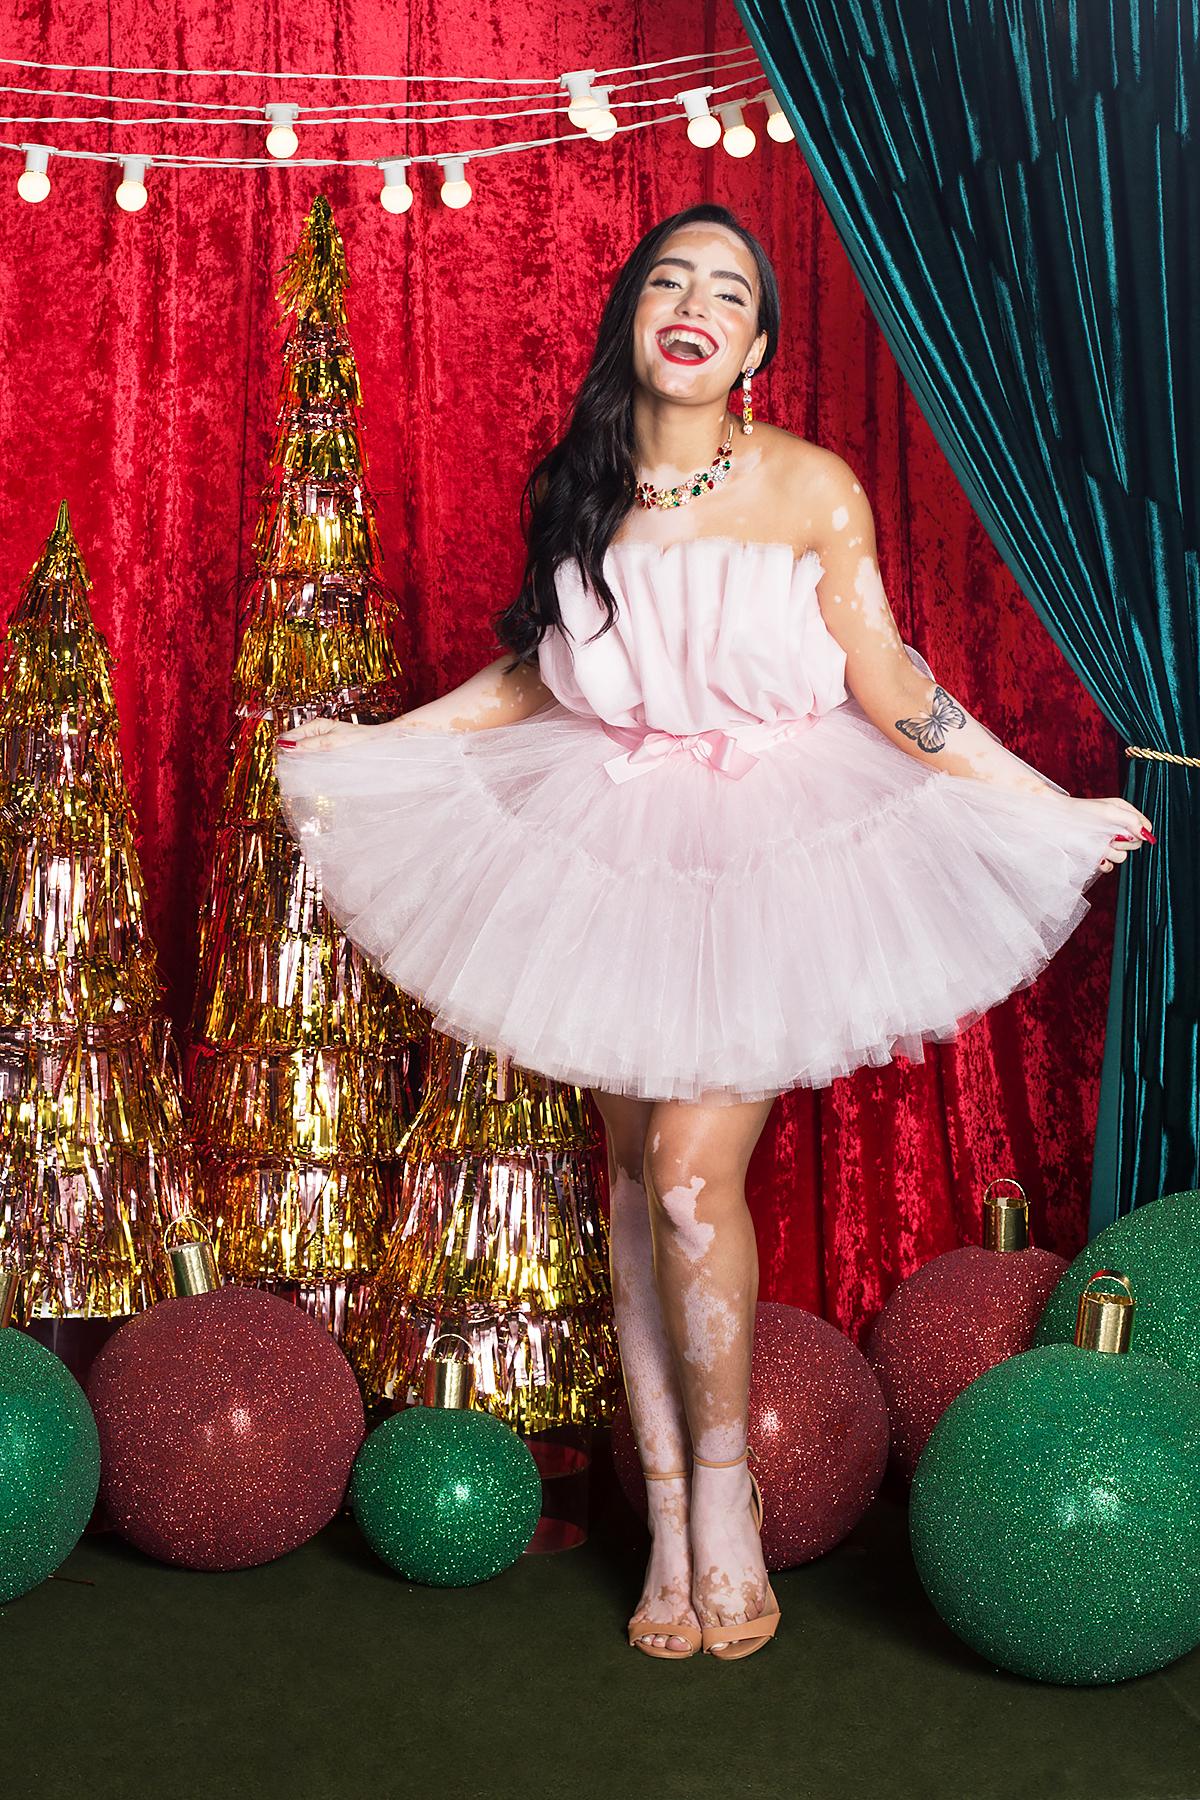 editorial decoracao natal 2020 tendencias loja vitrine rosa quebra nozes retro pinterest blog do math